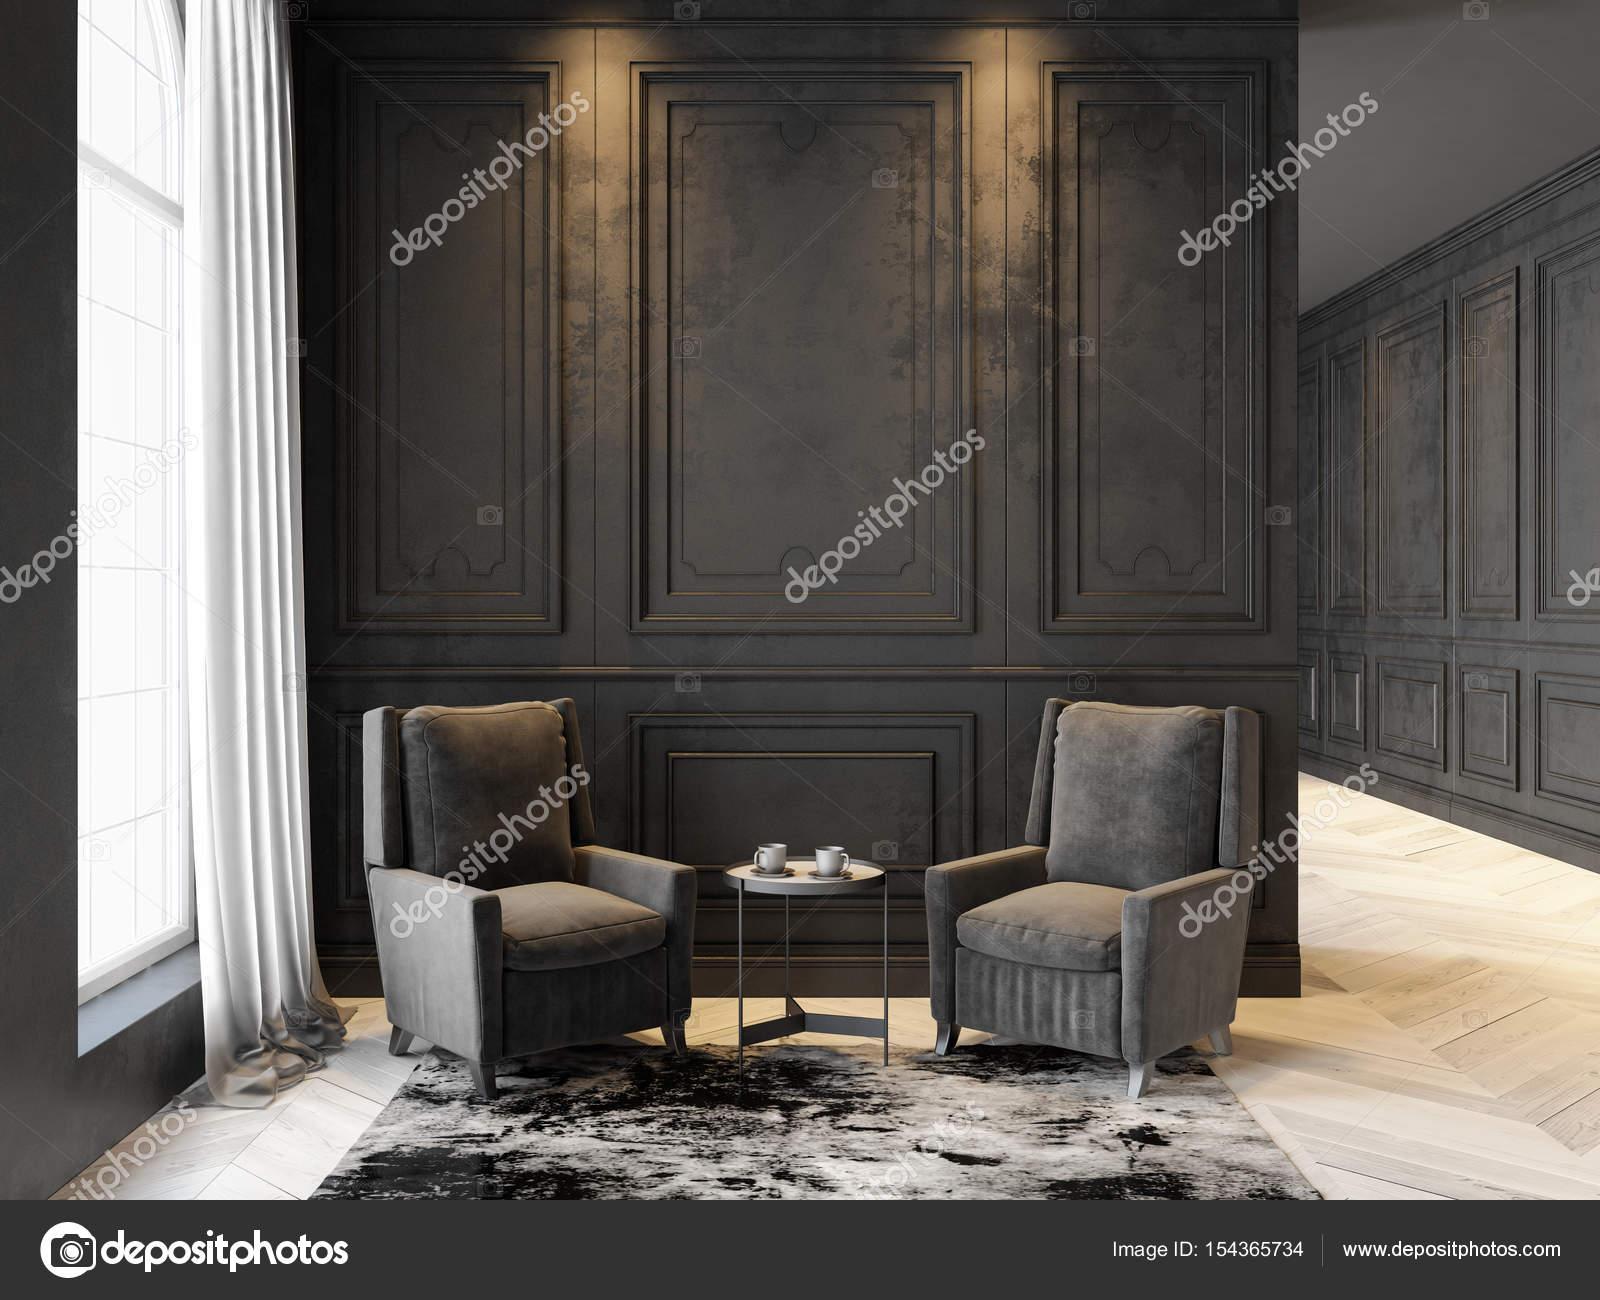 Fauteuils en salontafel in klassiek zwart interieur. Interieur mock ...